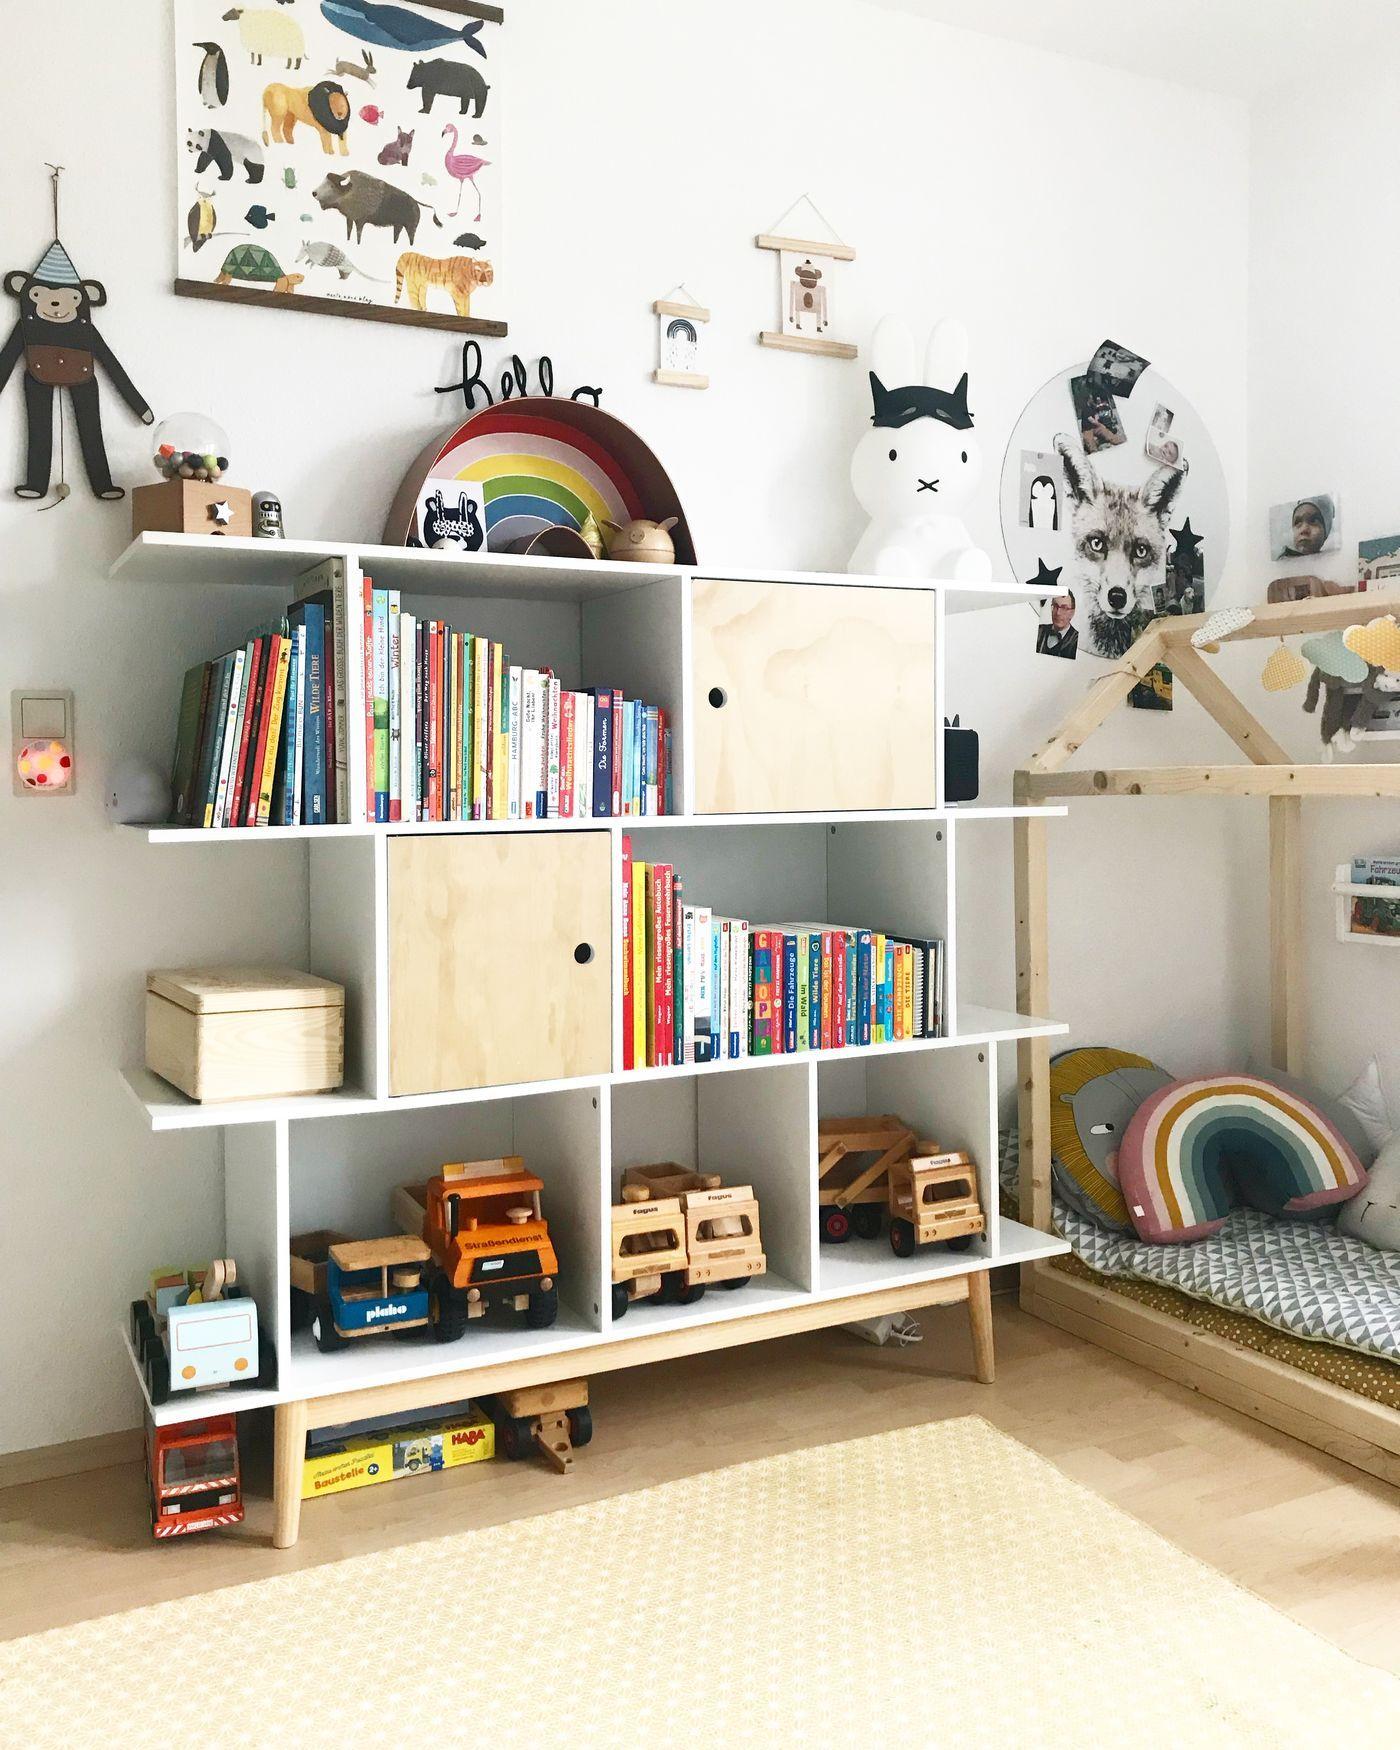 Die schönsten Ideen für dein Kinderzimmer - Seite 49